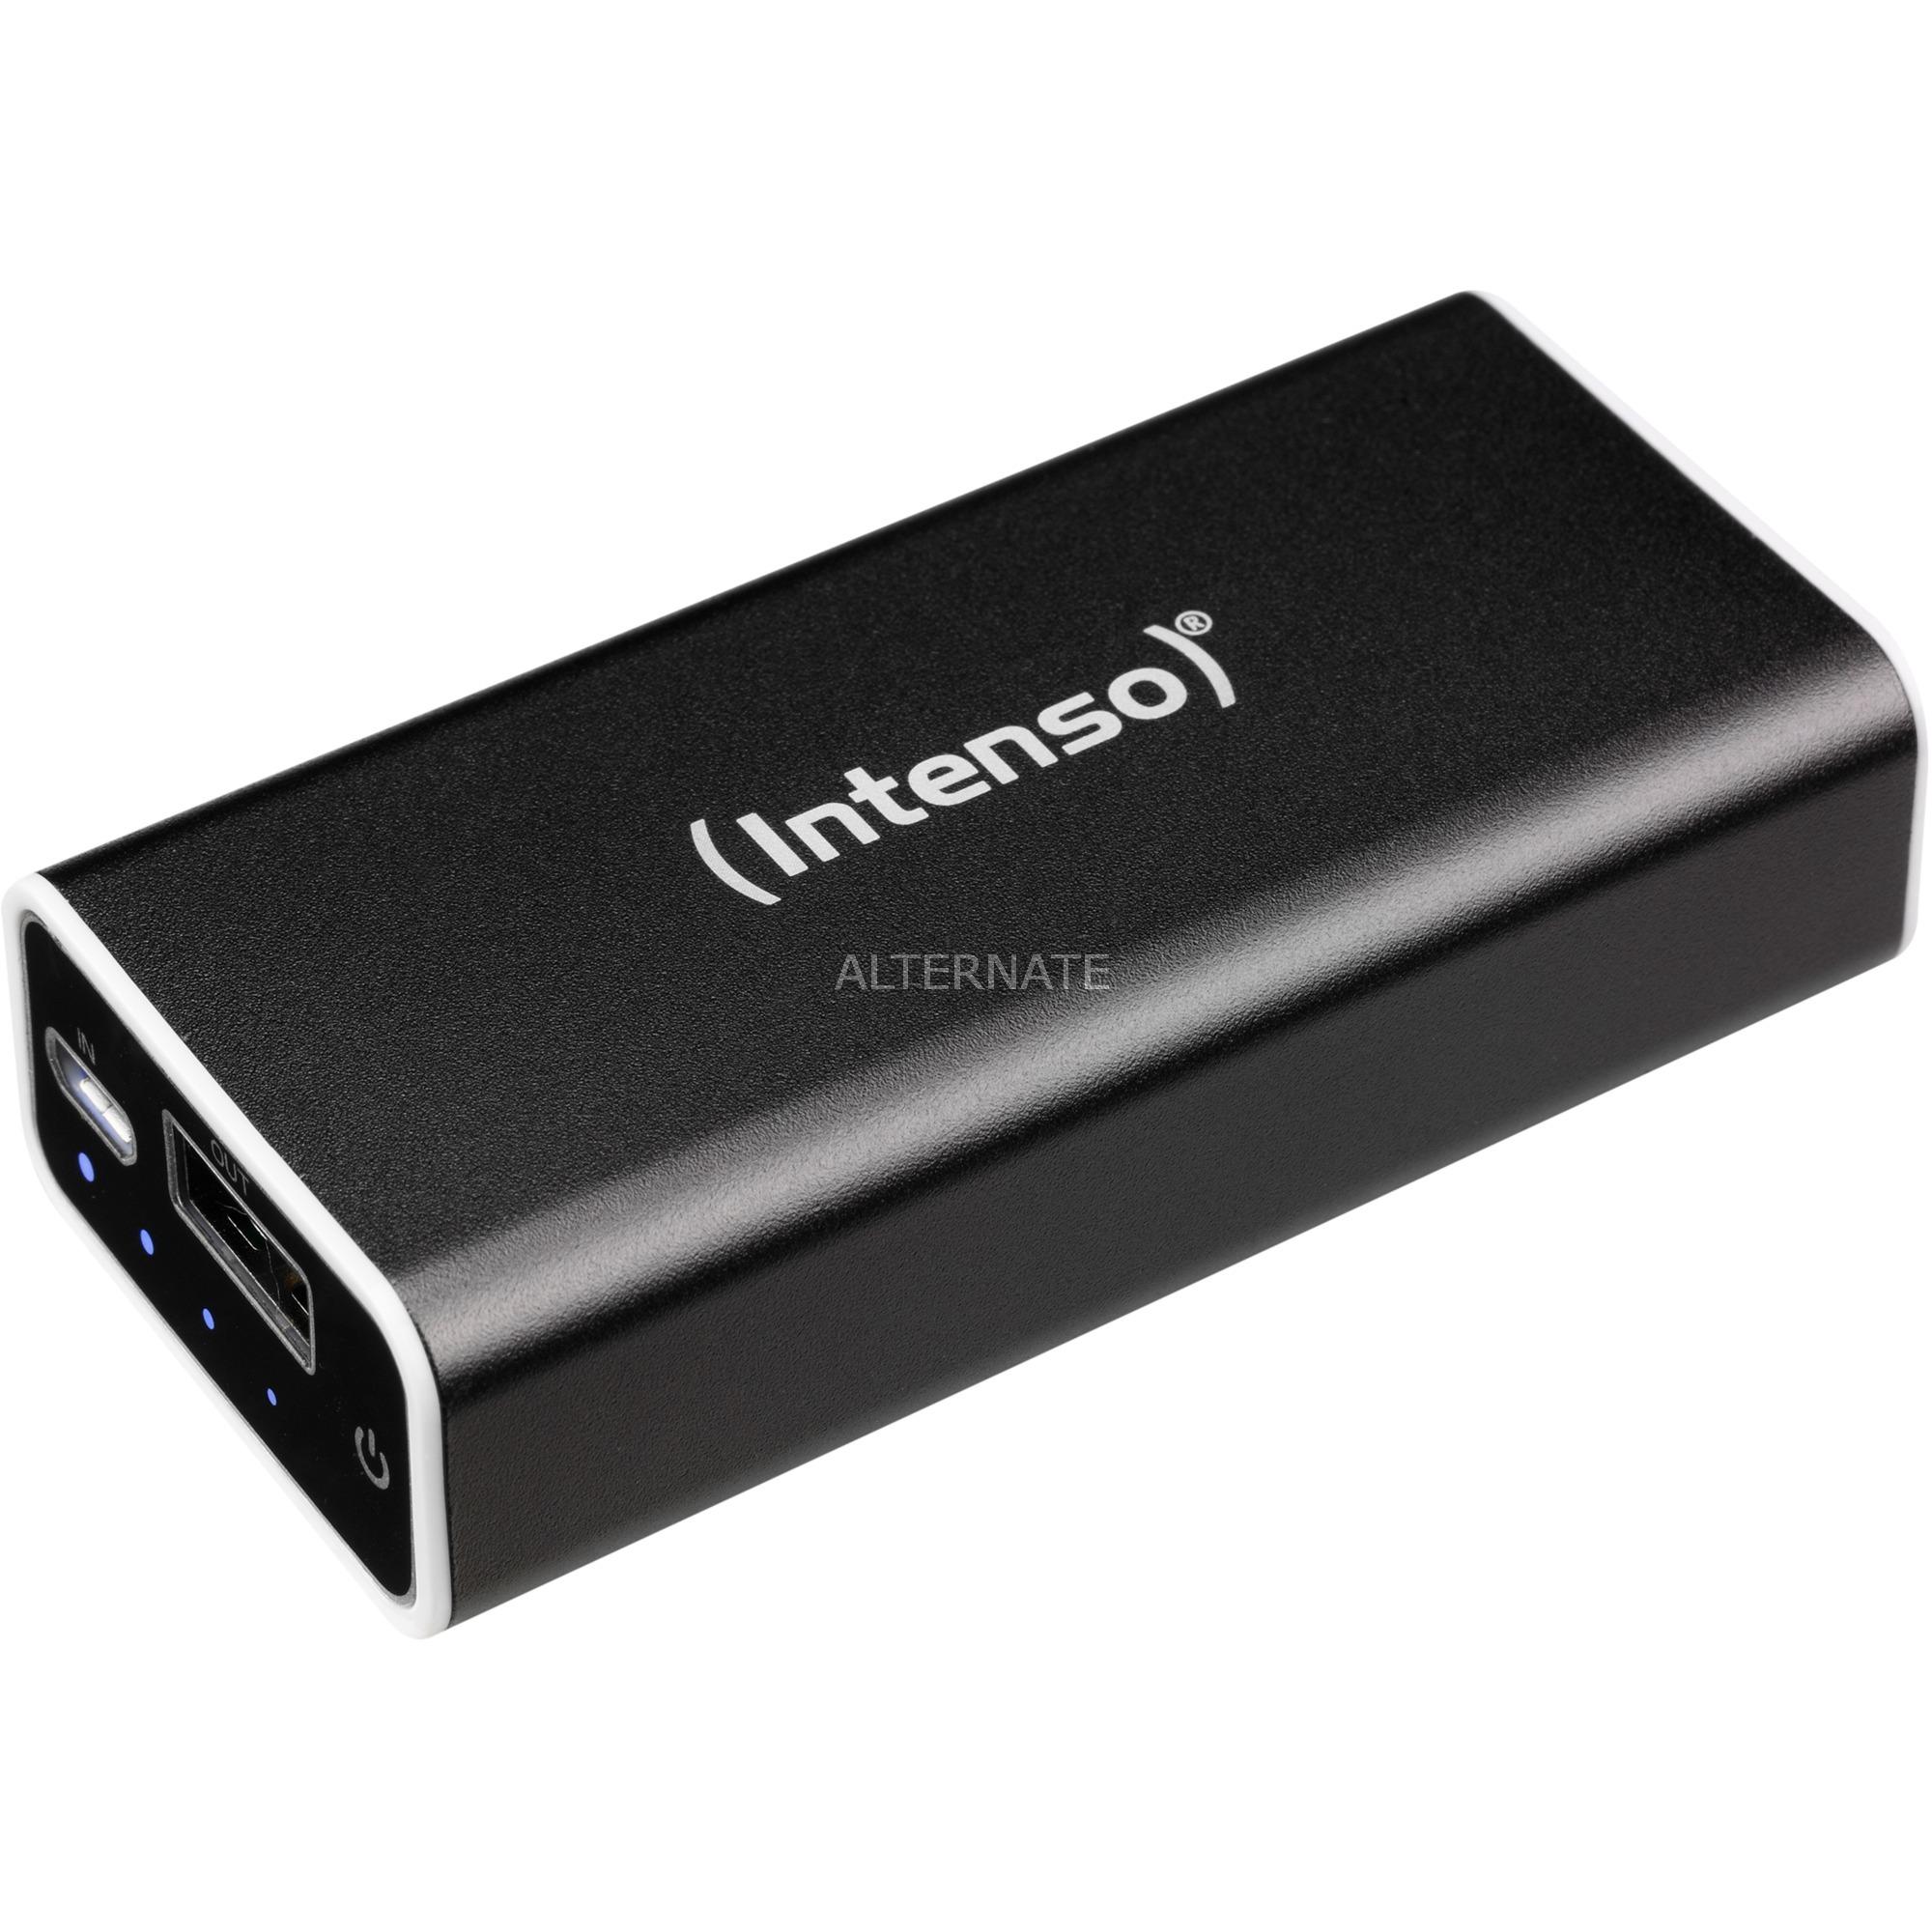 A5200 batería externa Negro Ión de litio 5200 mAh, Banco de potencia